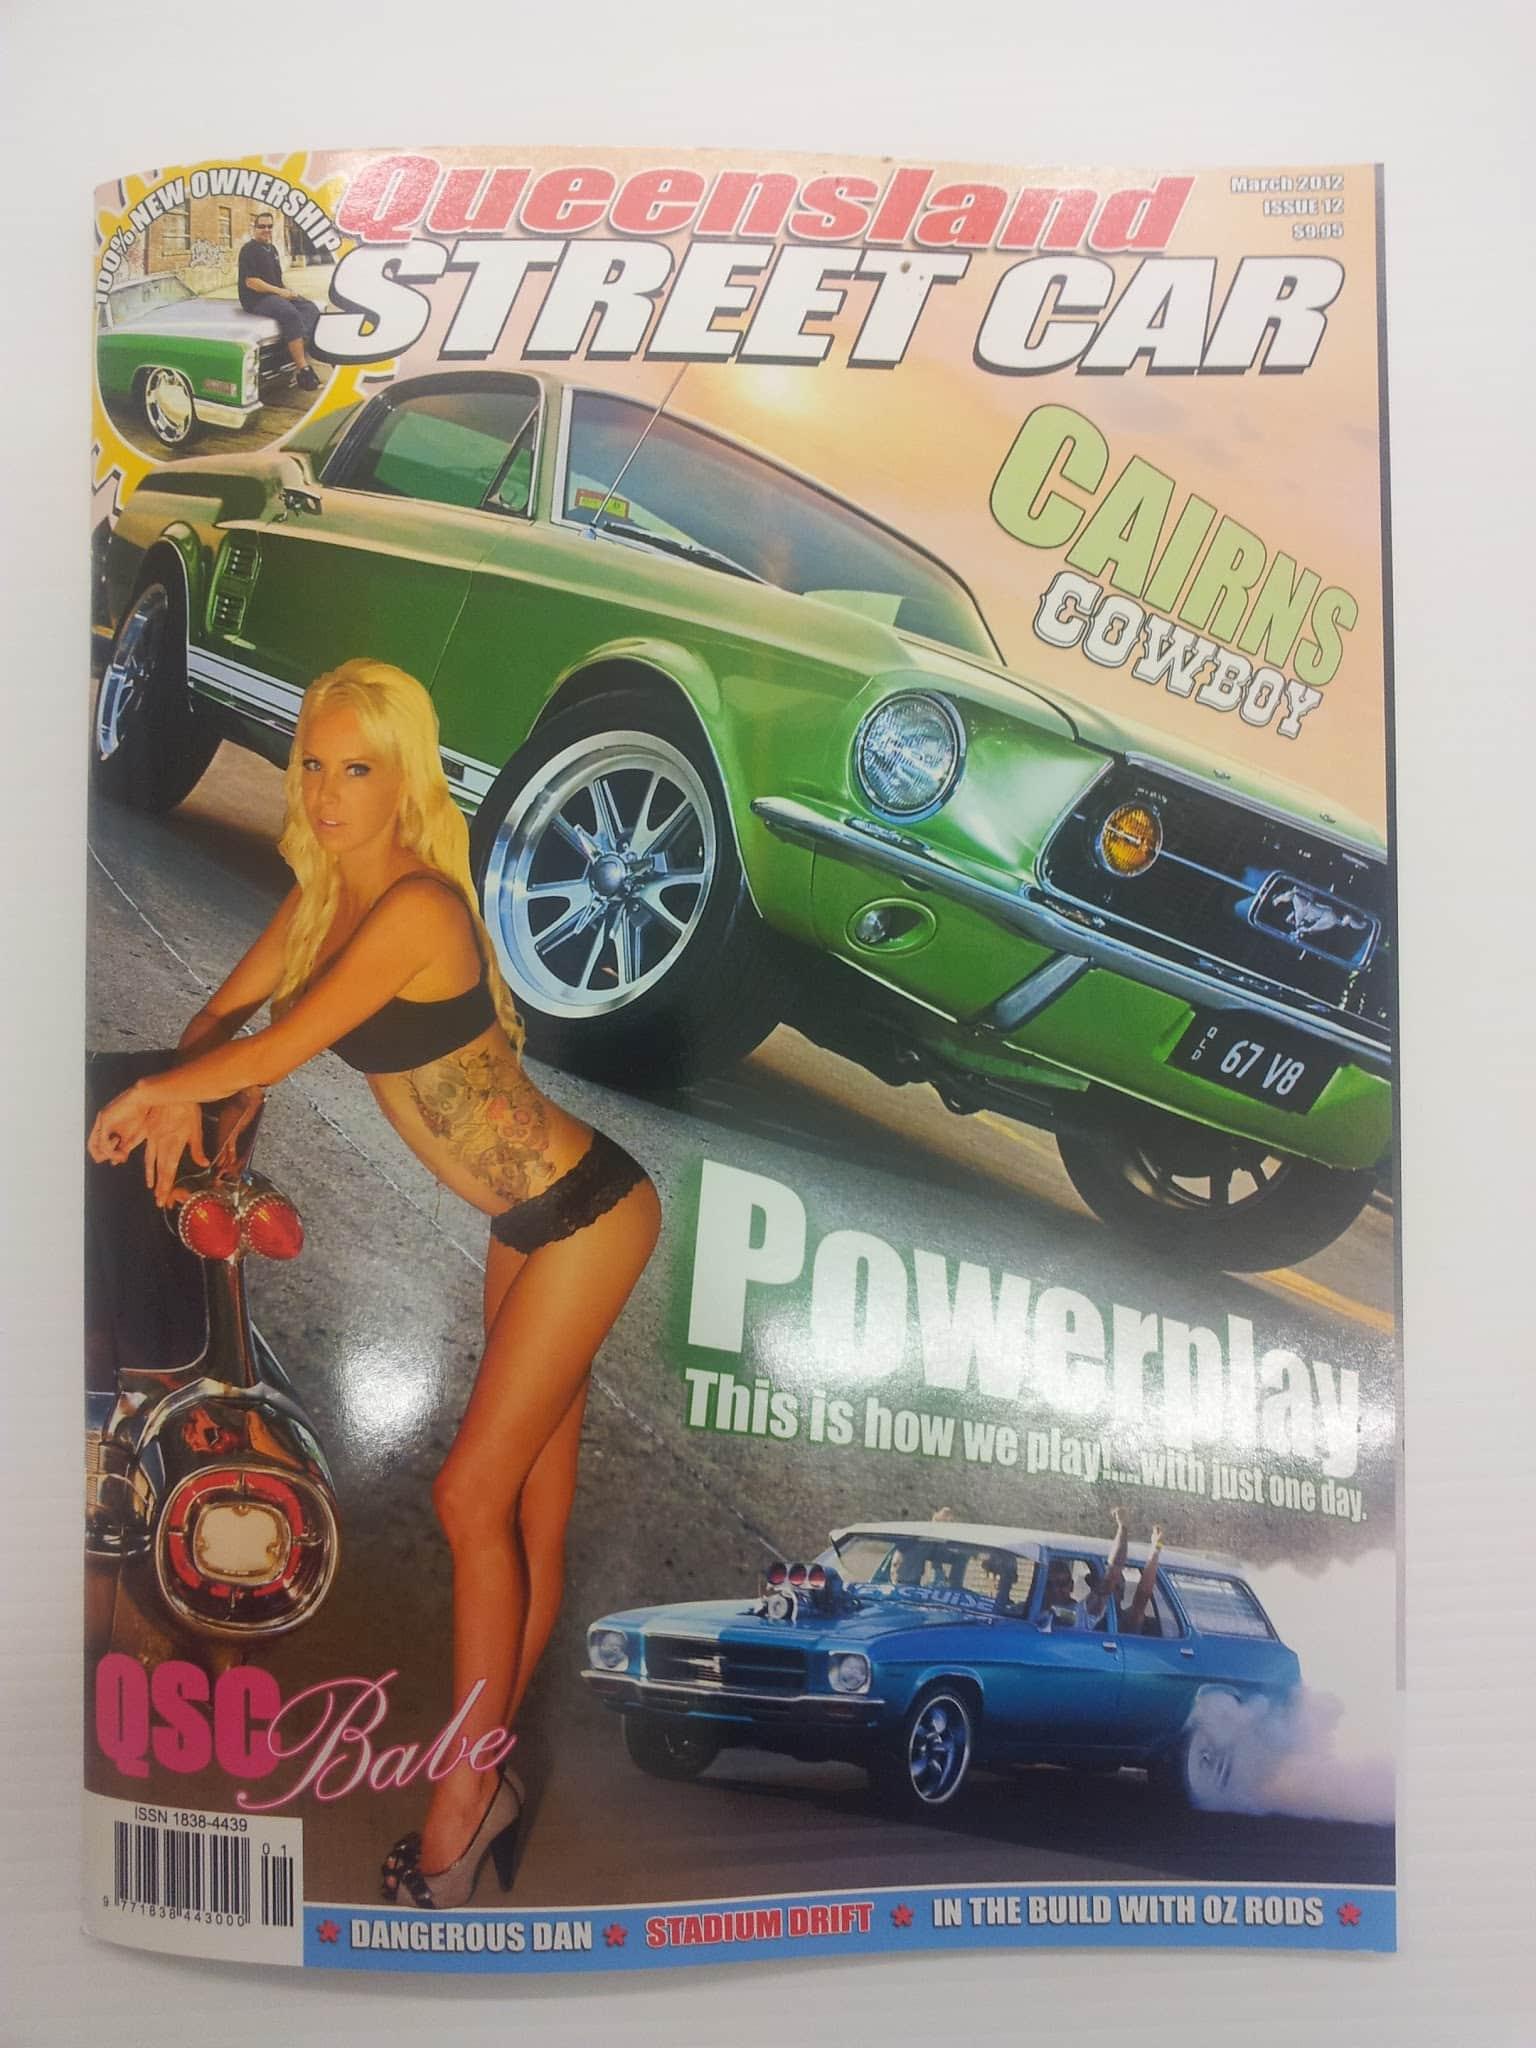 Queensland Street Car Magazine - March 2012